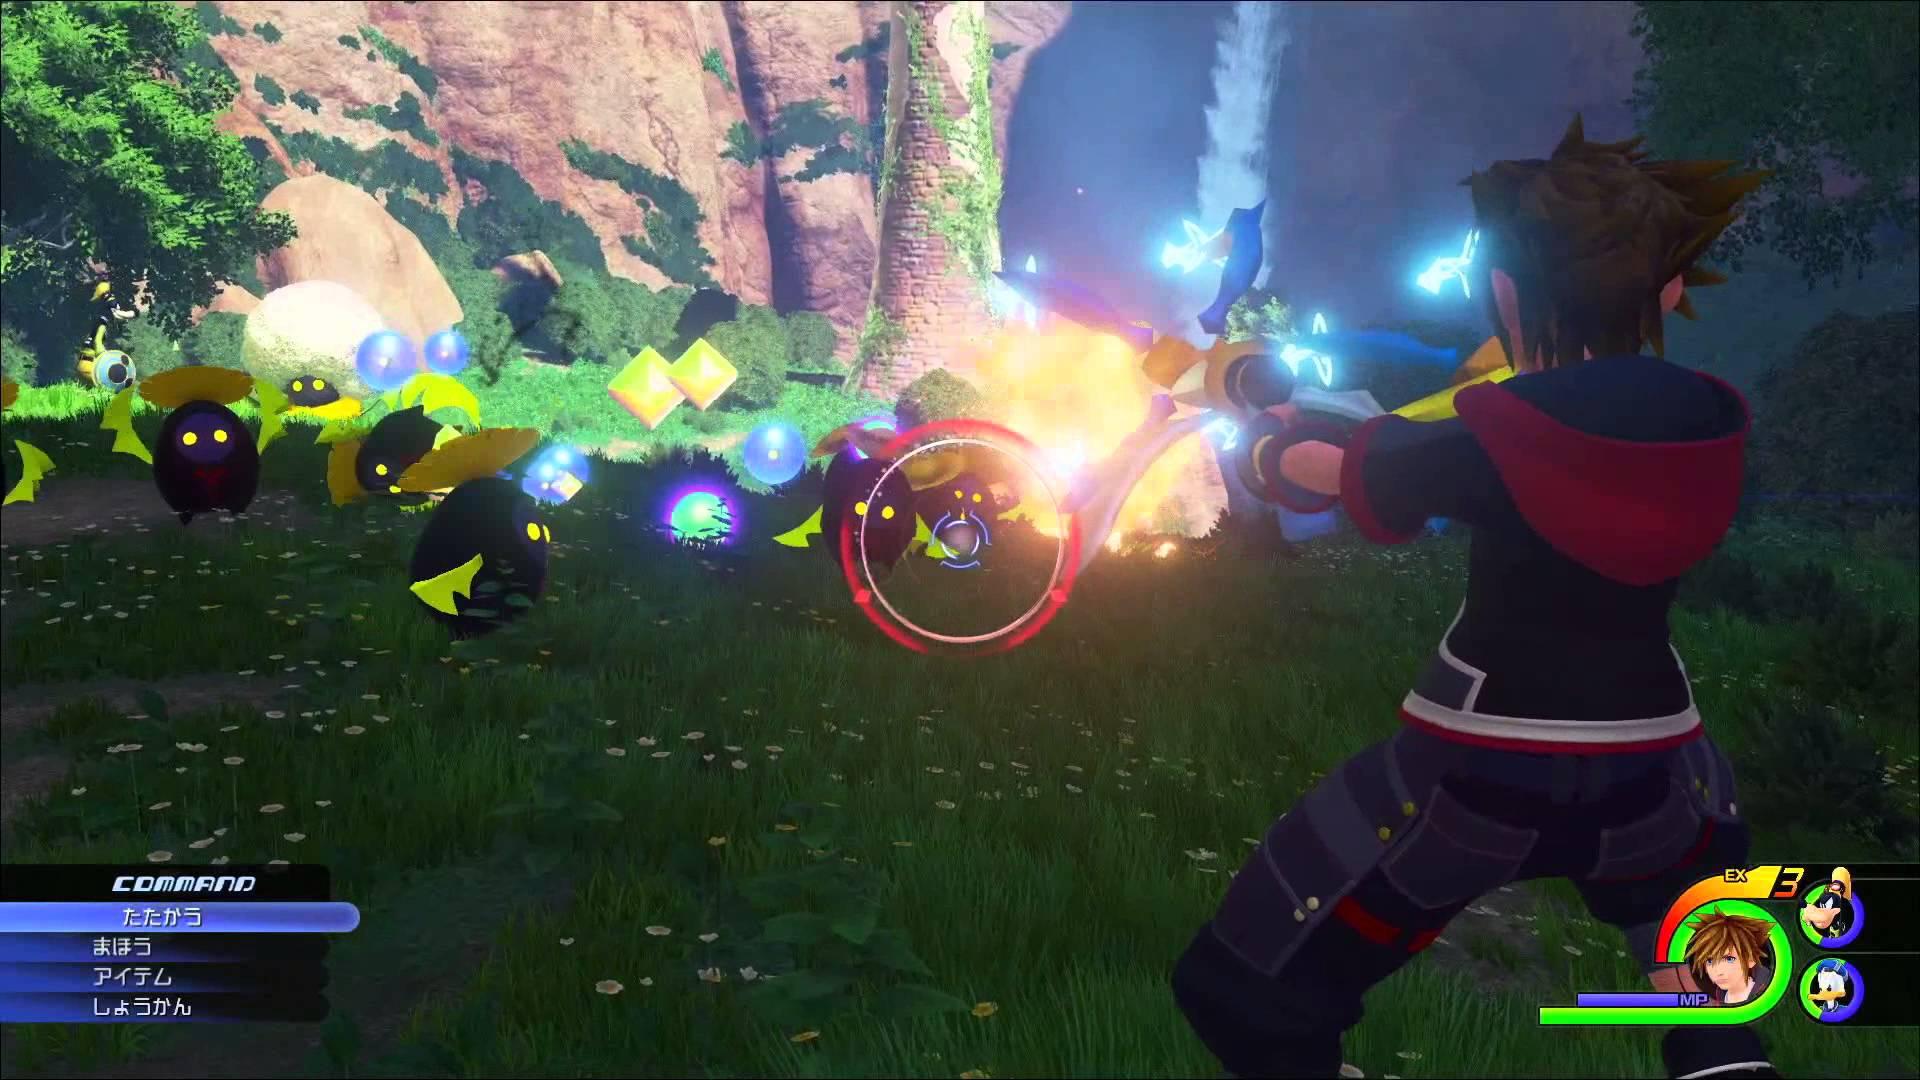 Historia De Kingdom Hearts Lo Que Aun Desconoce De Este Juego